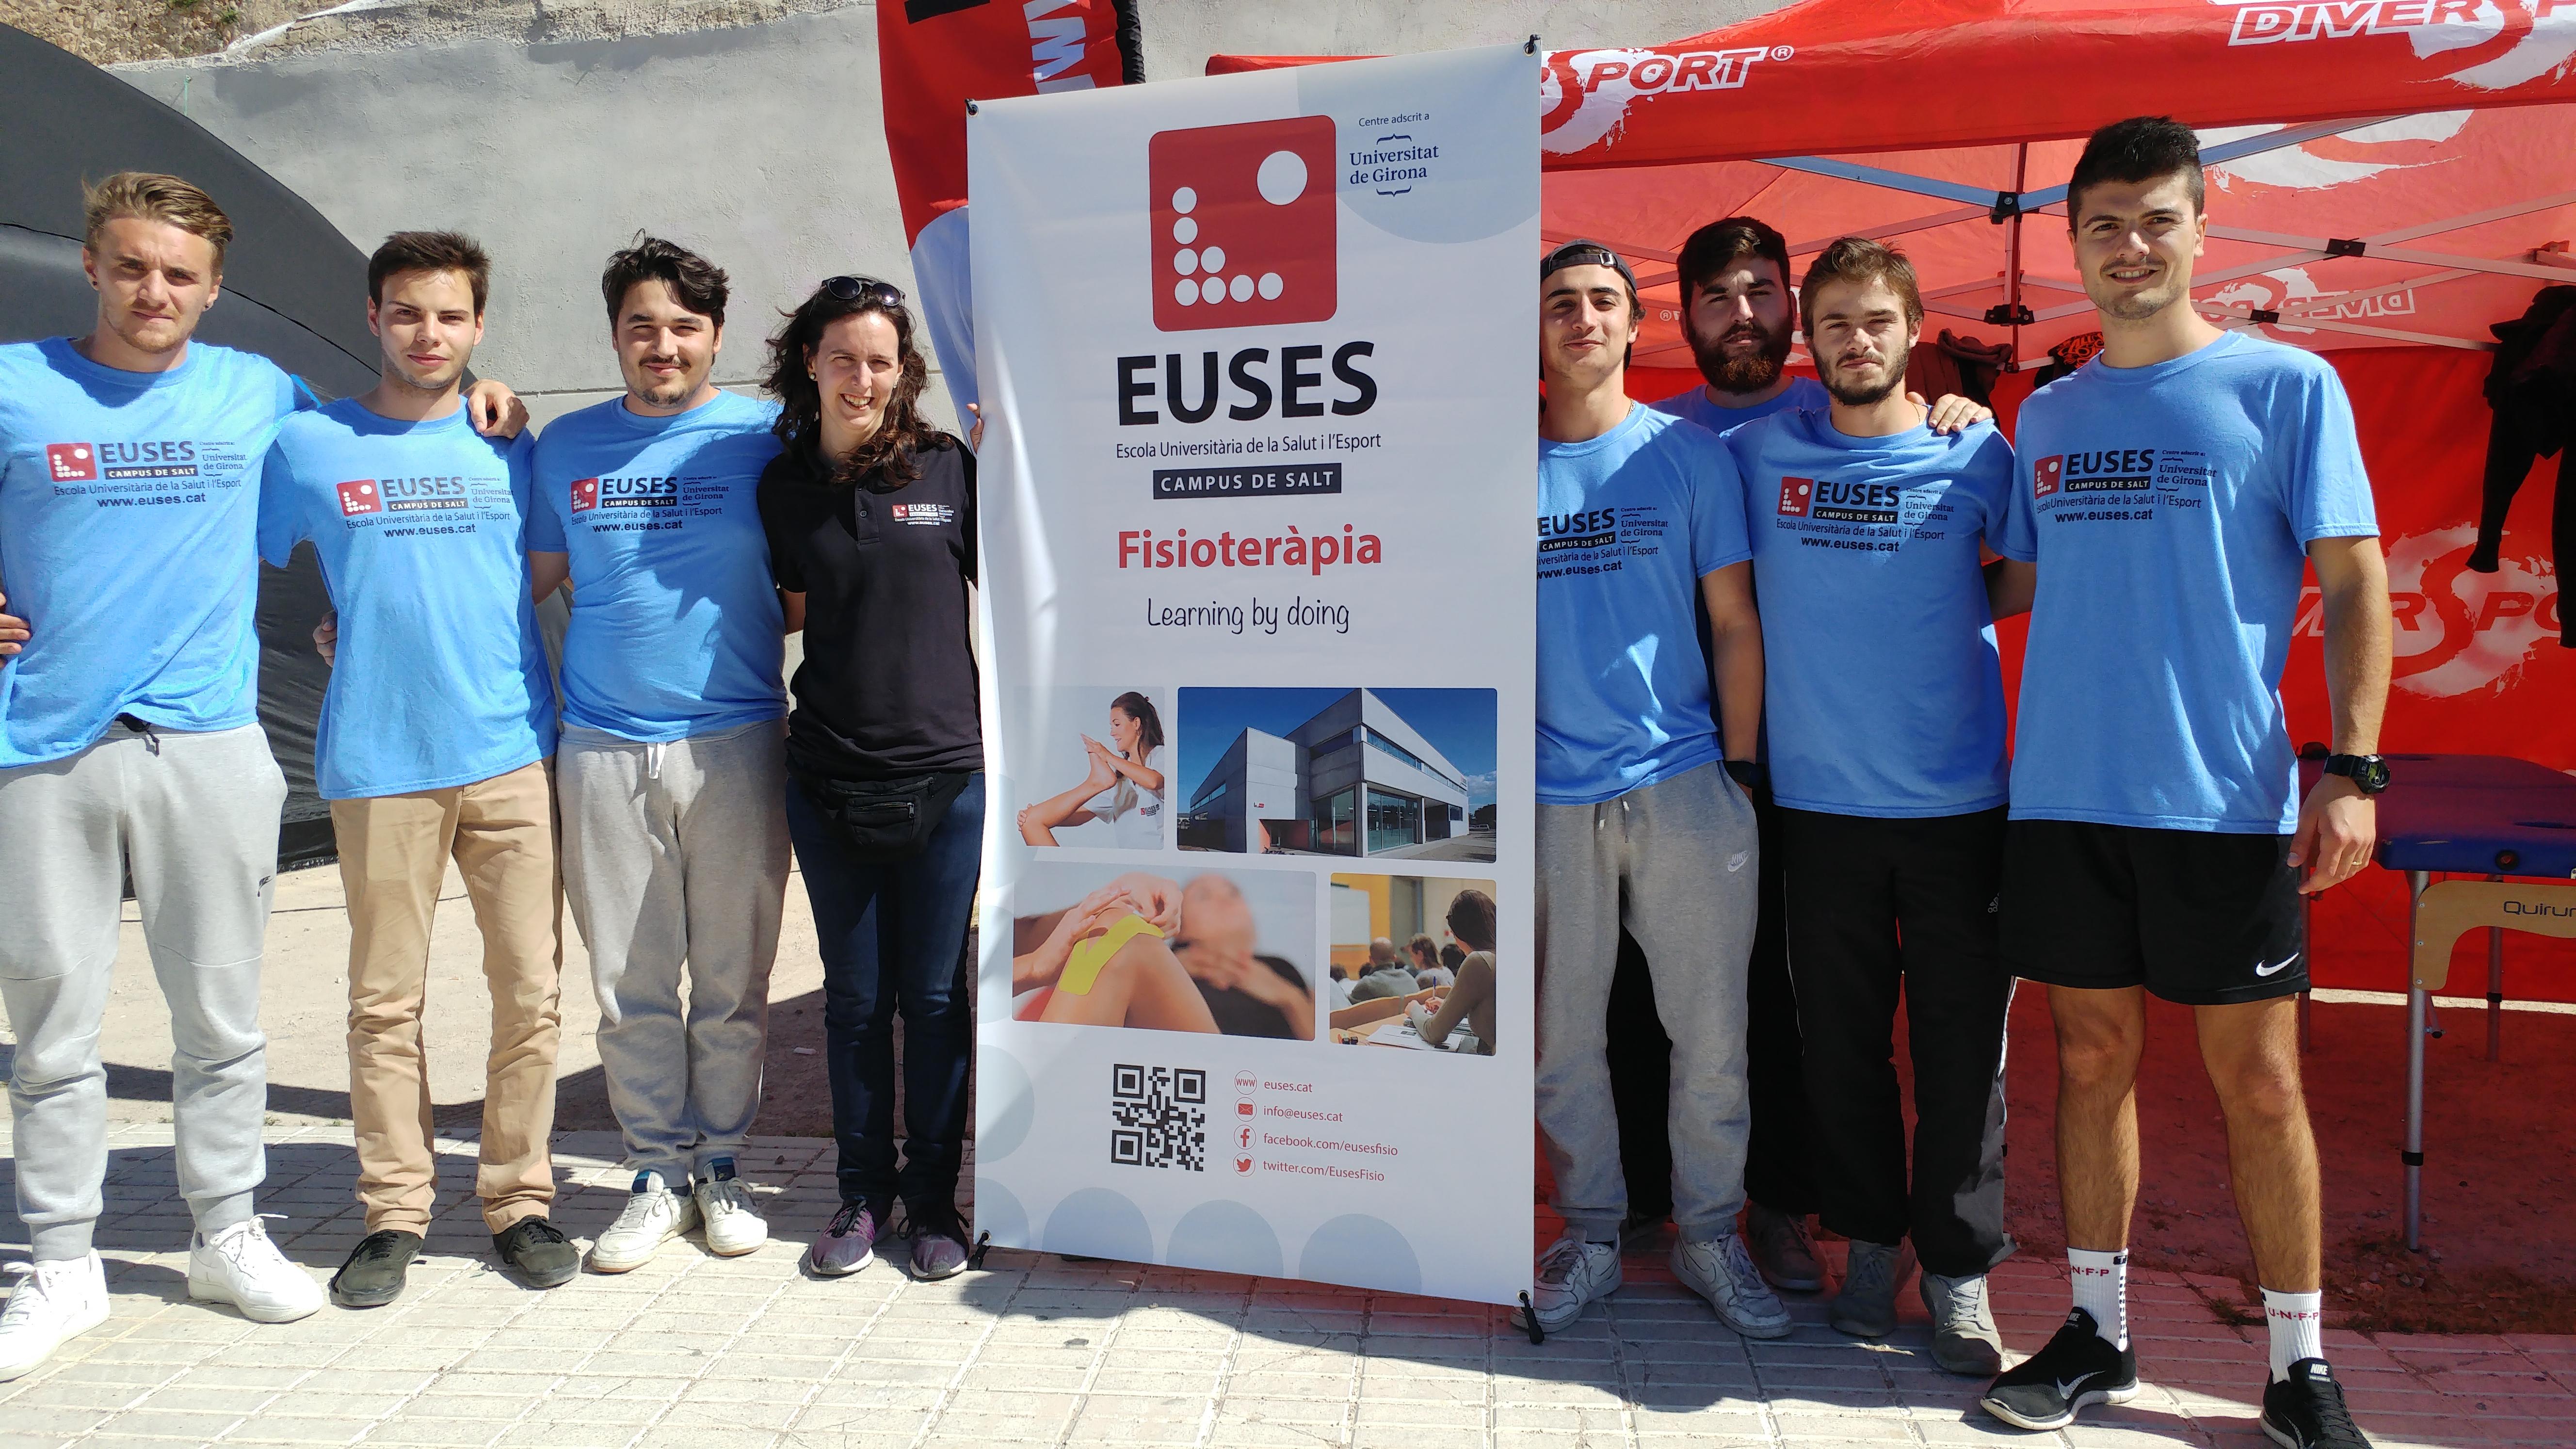 Els triatletes de la 100% Half d'Ametlla de Mar, en mans d'alumnes del Grau en Fisioteràpia d'EUSES